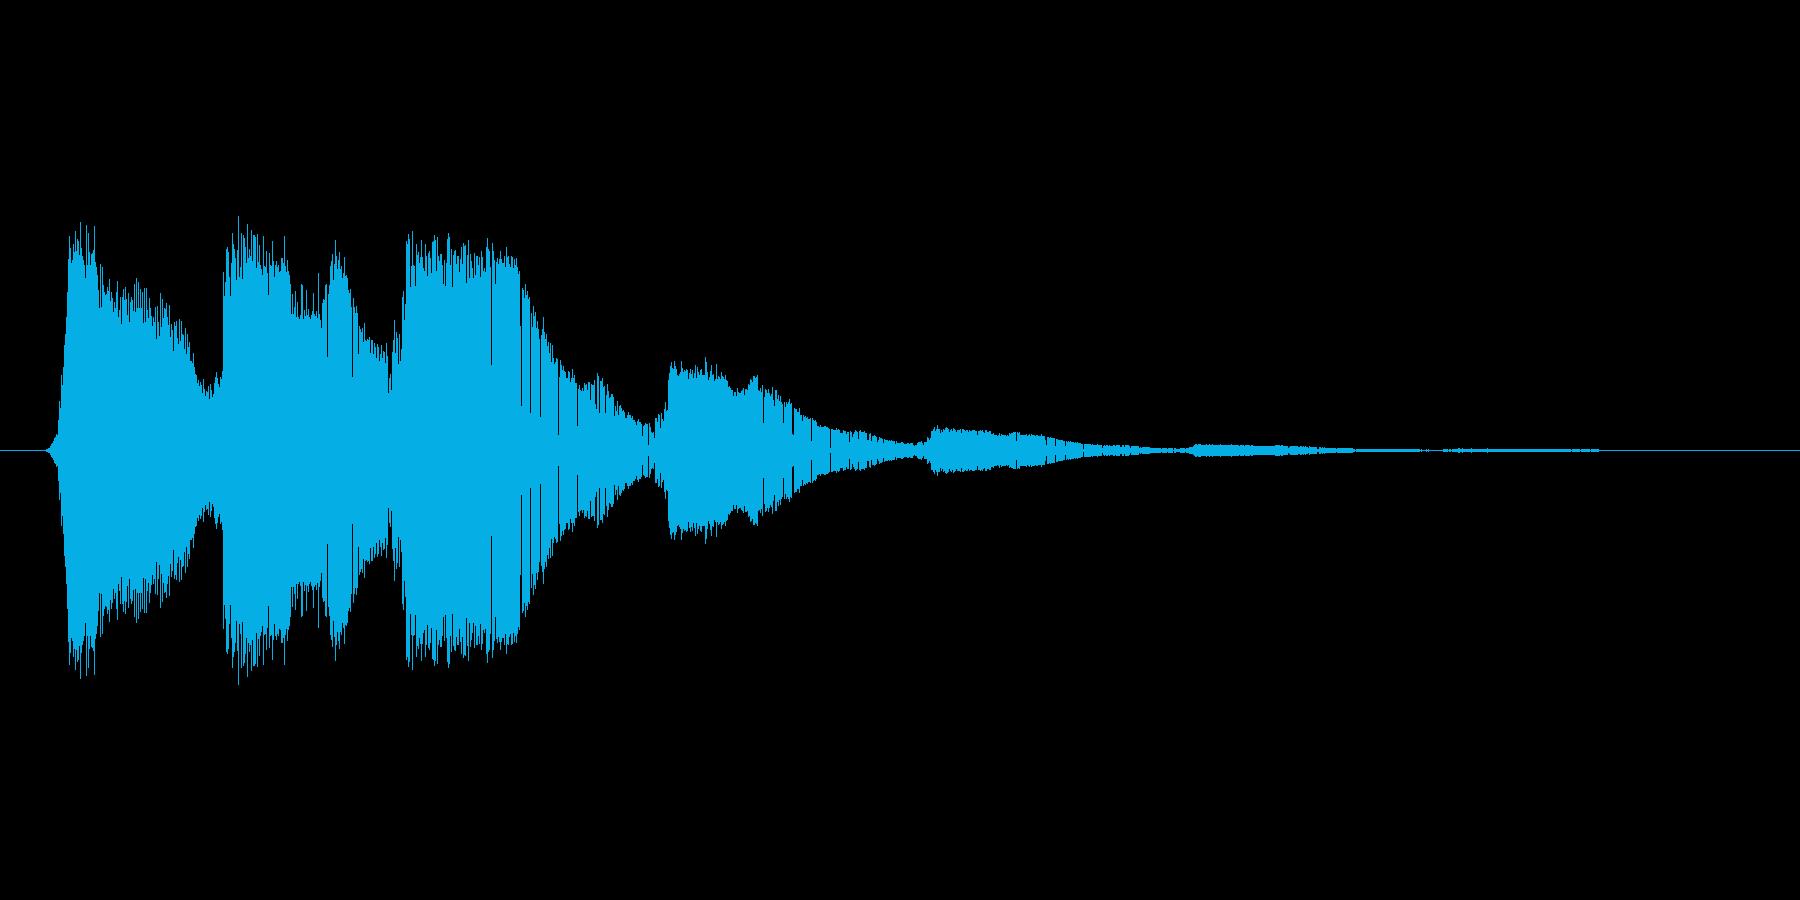 ファミコン風効果音 キャンセル系 04の再生済みの波形